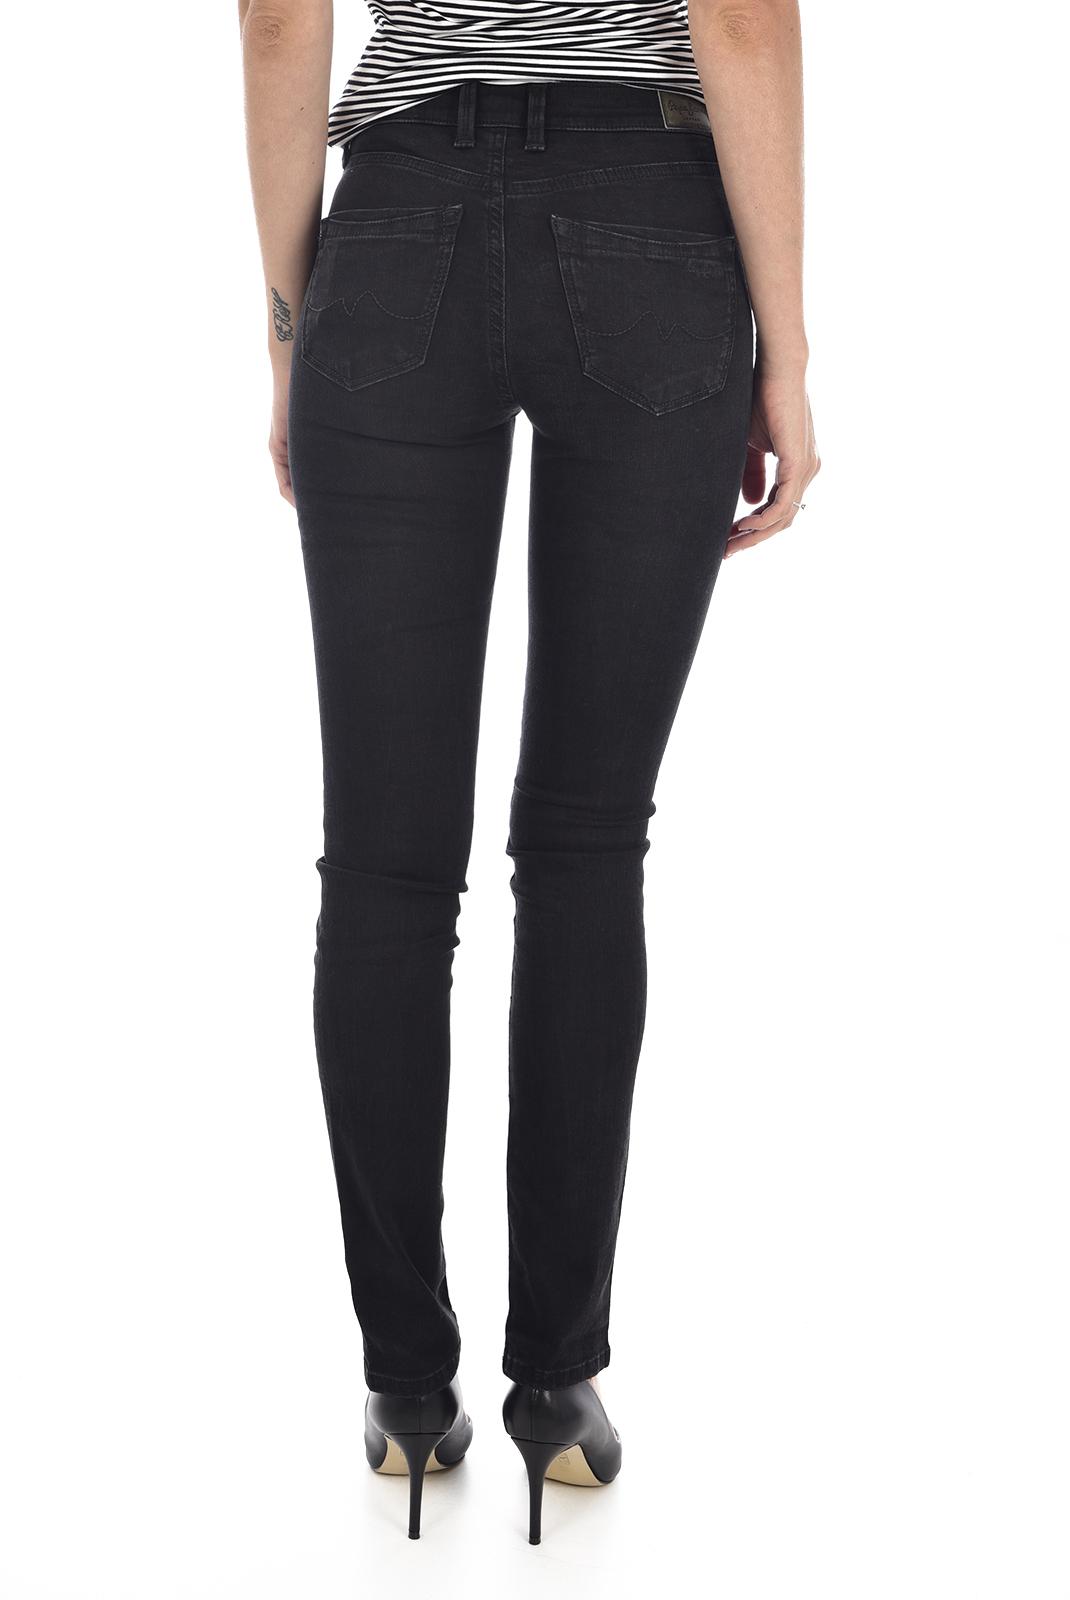 Jeans   Pepe jeans PL201322 victoria noir